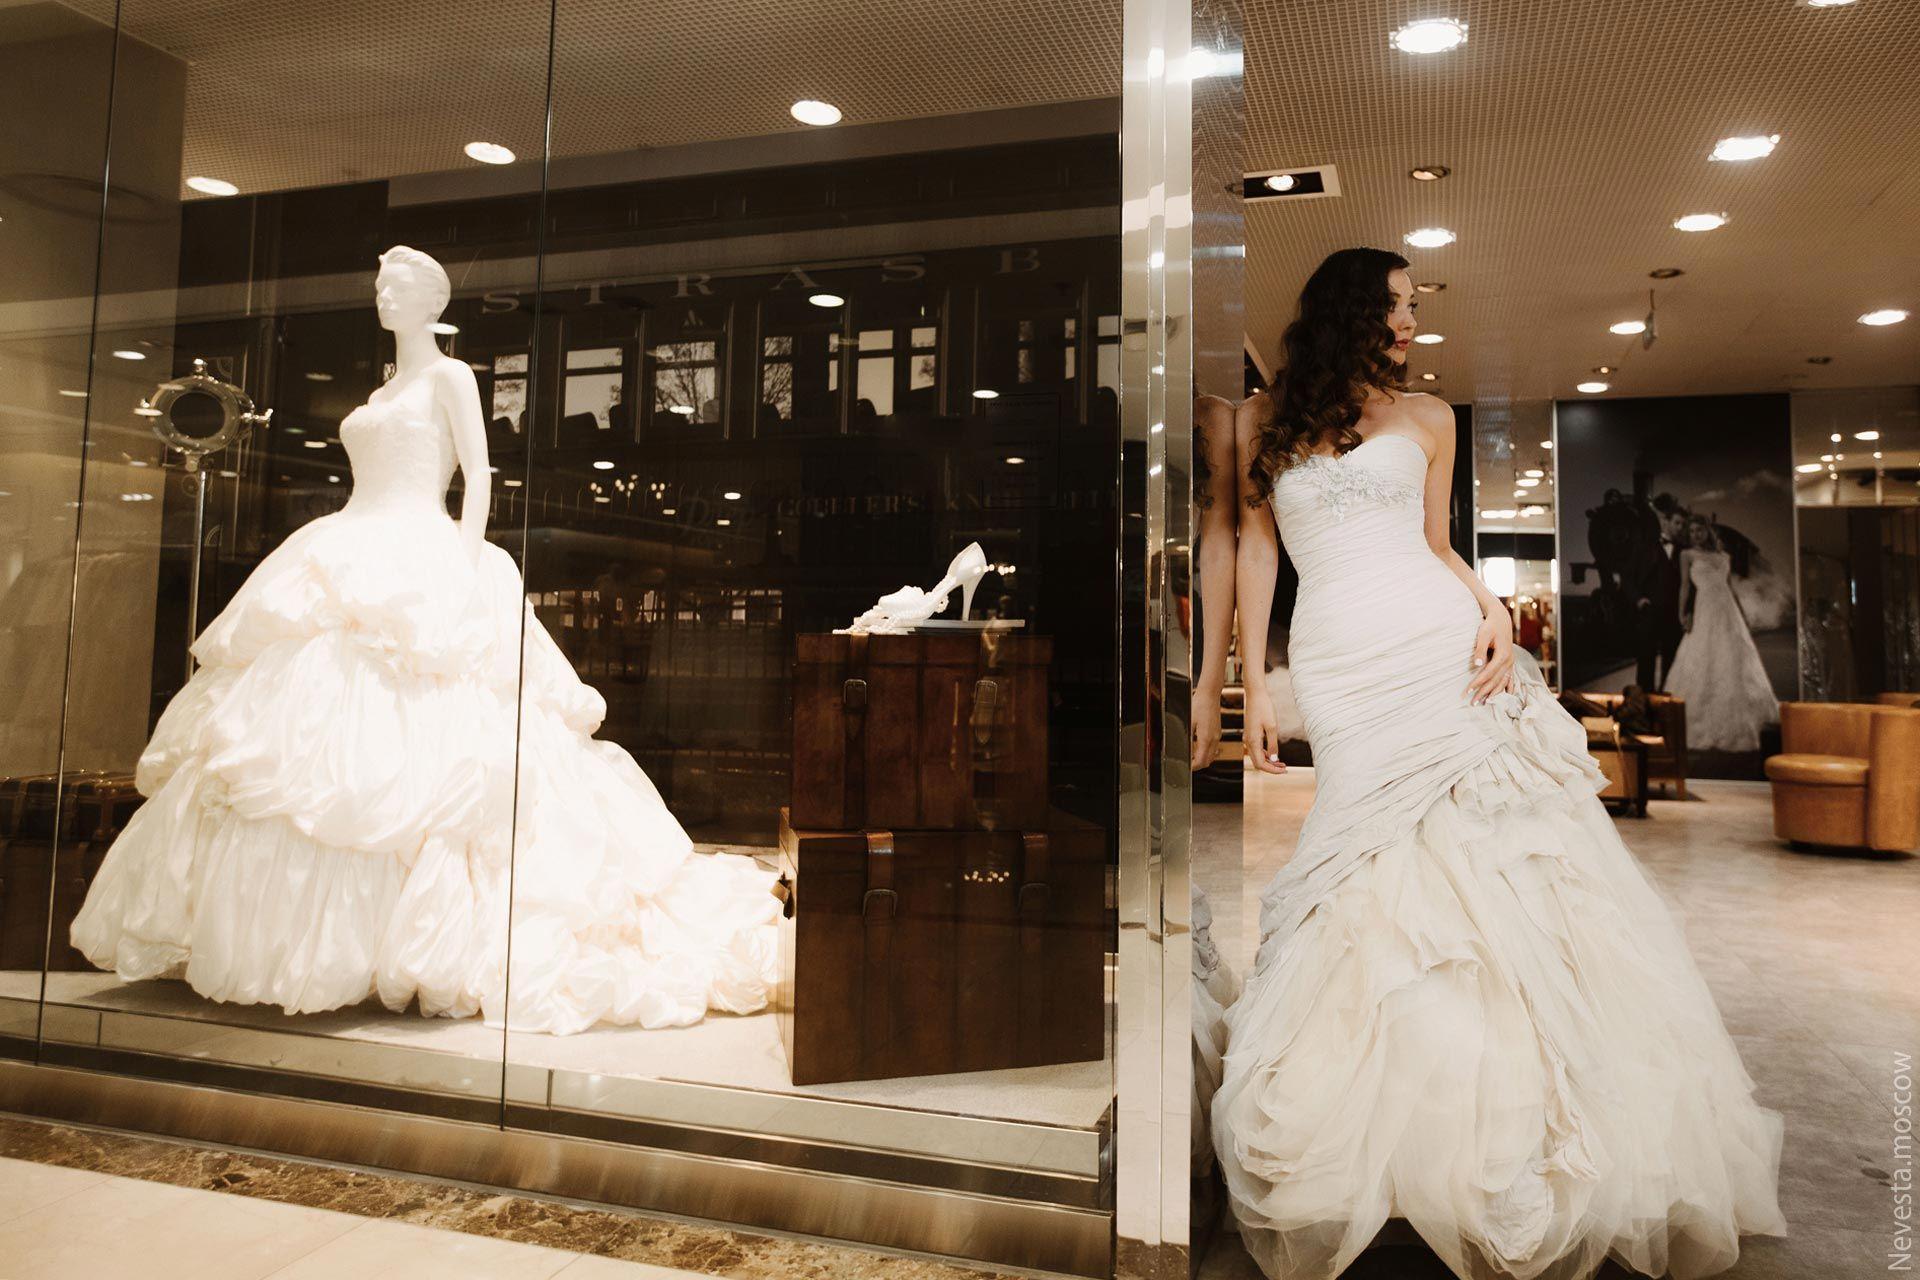 Рената Байкова примеряет свадебное платье фото 17